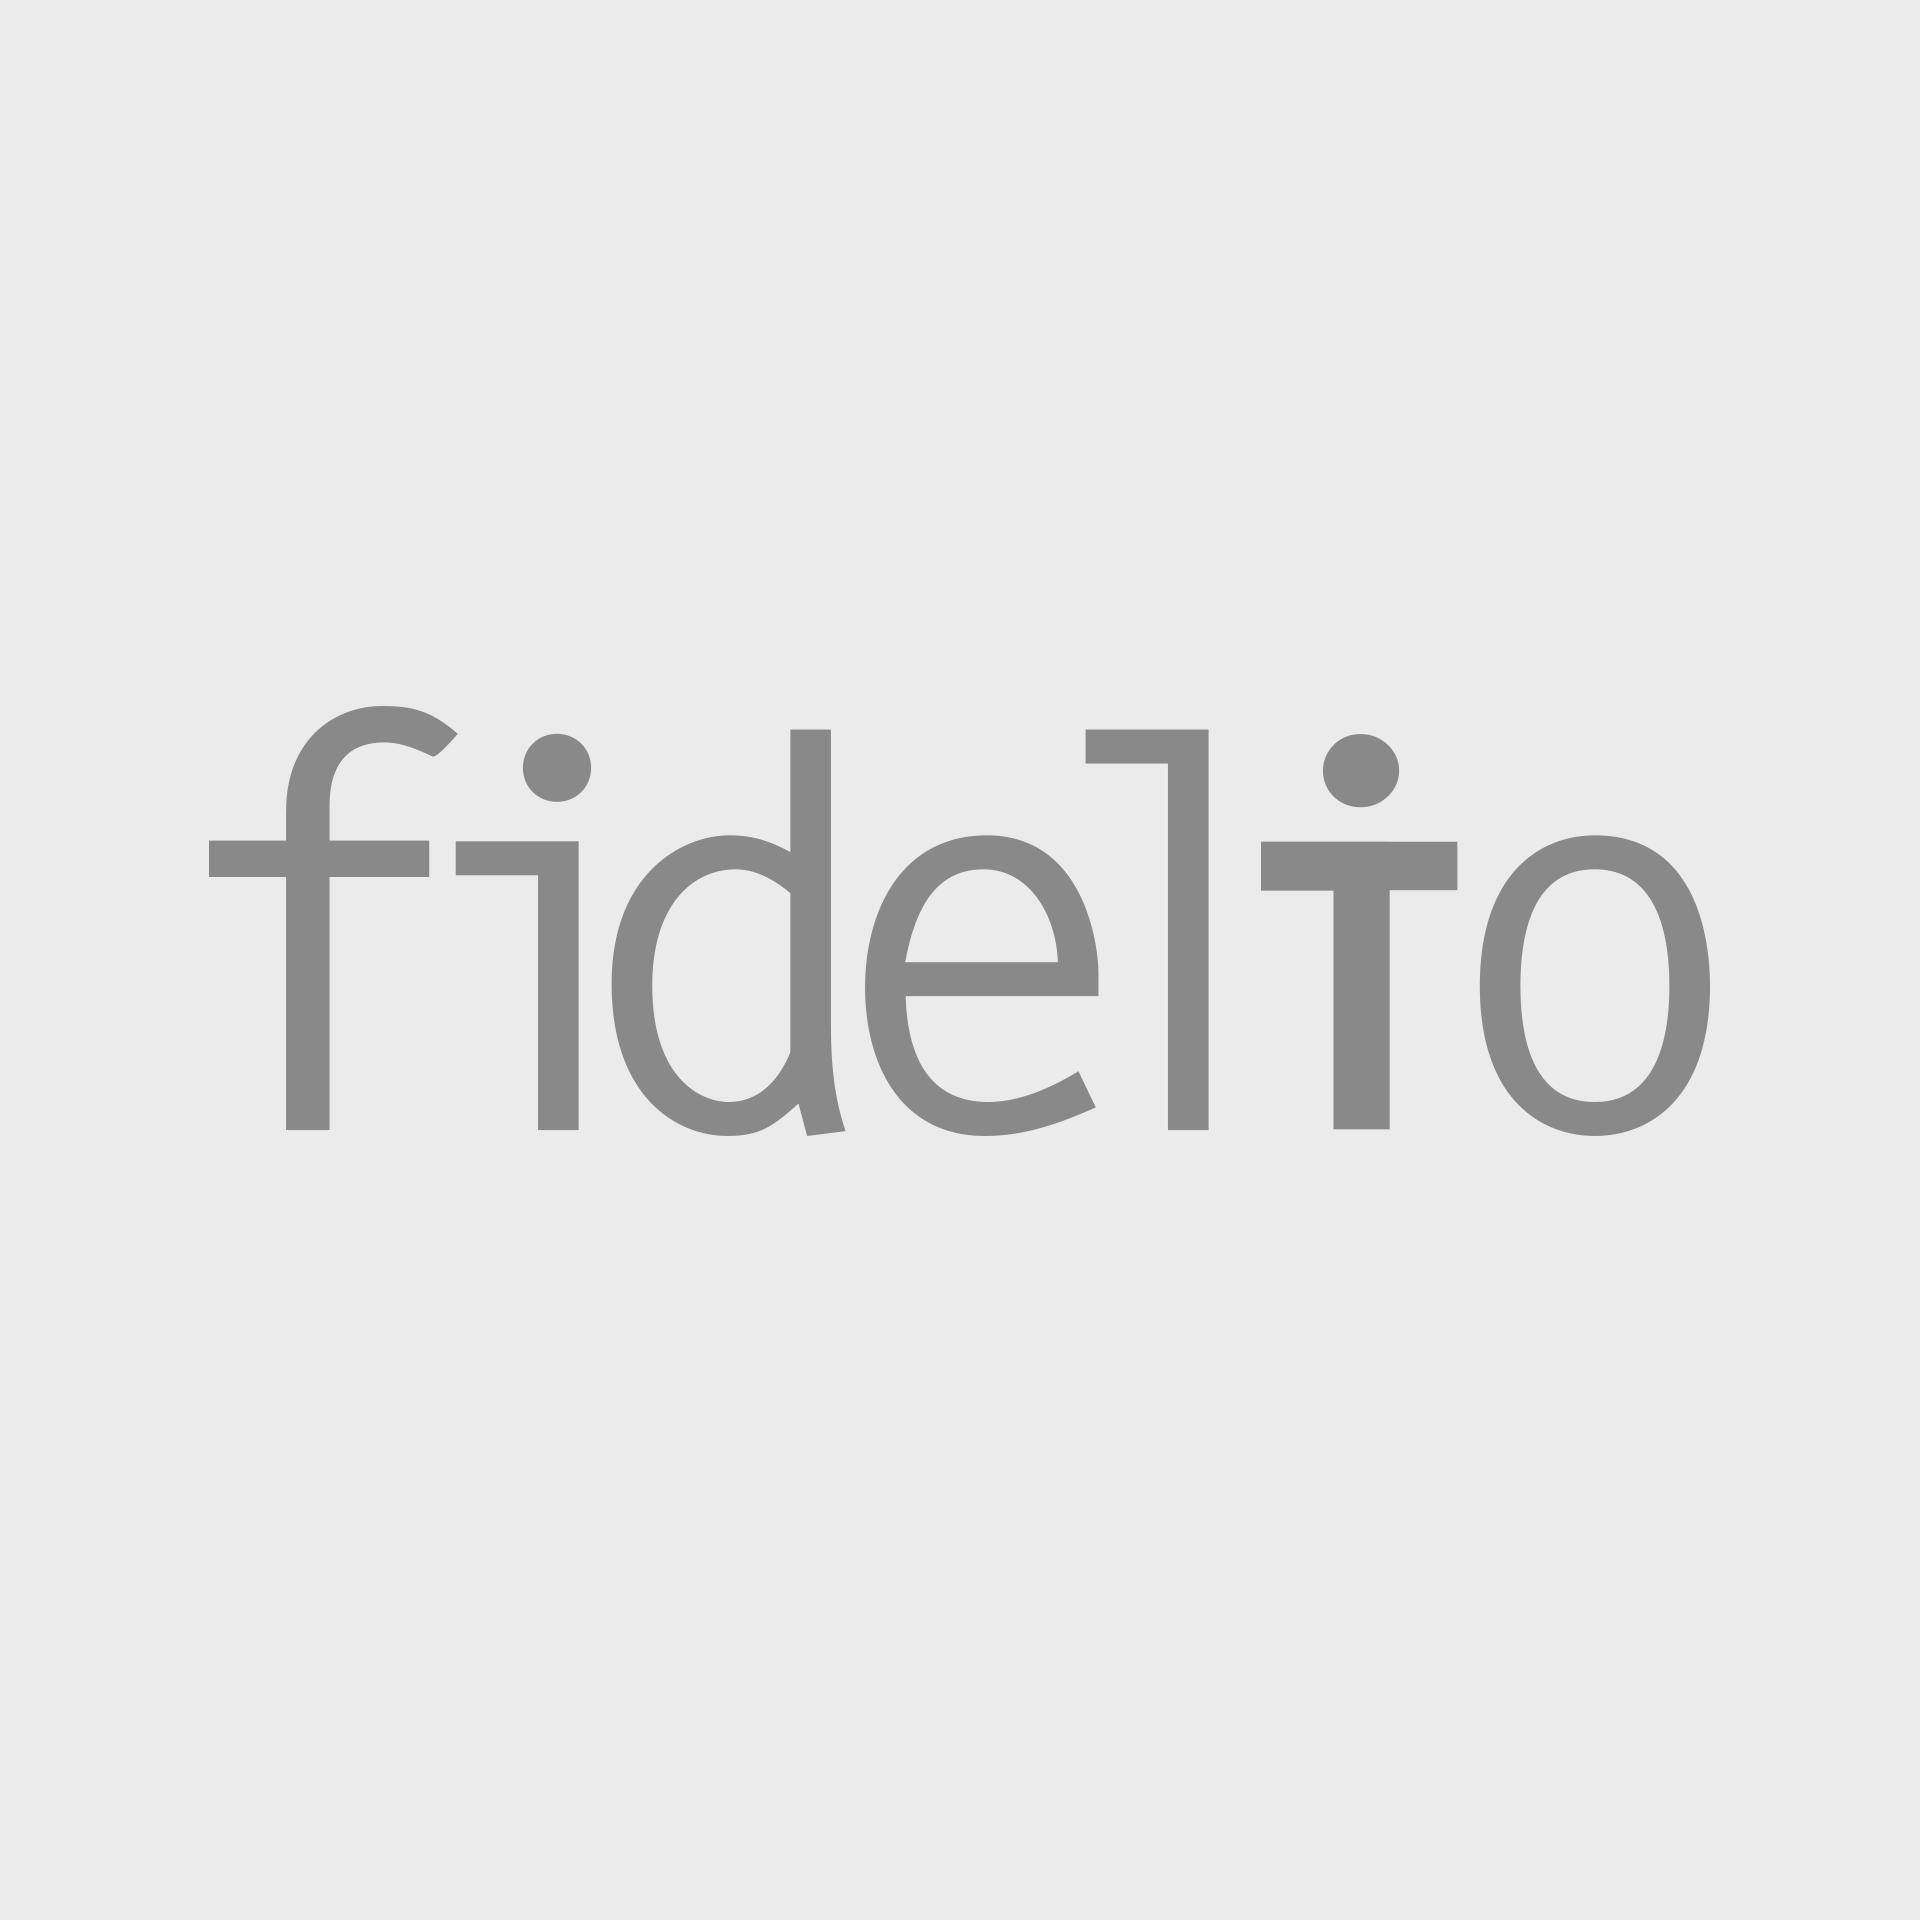 0EFC45AE-302E-46A7-9F2A-ADDAB3DC9838